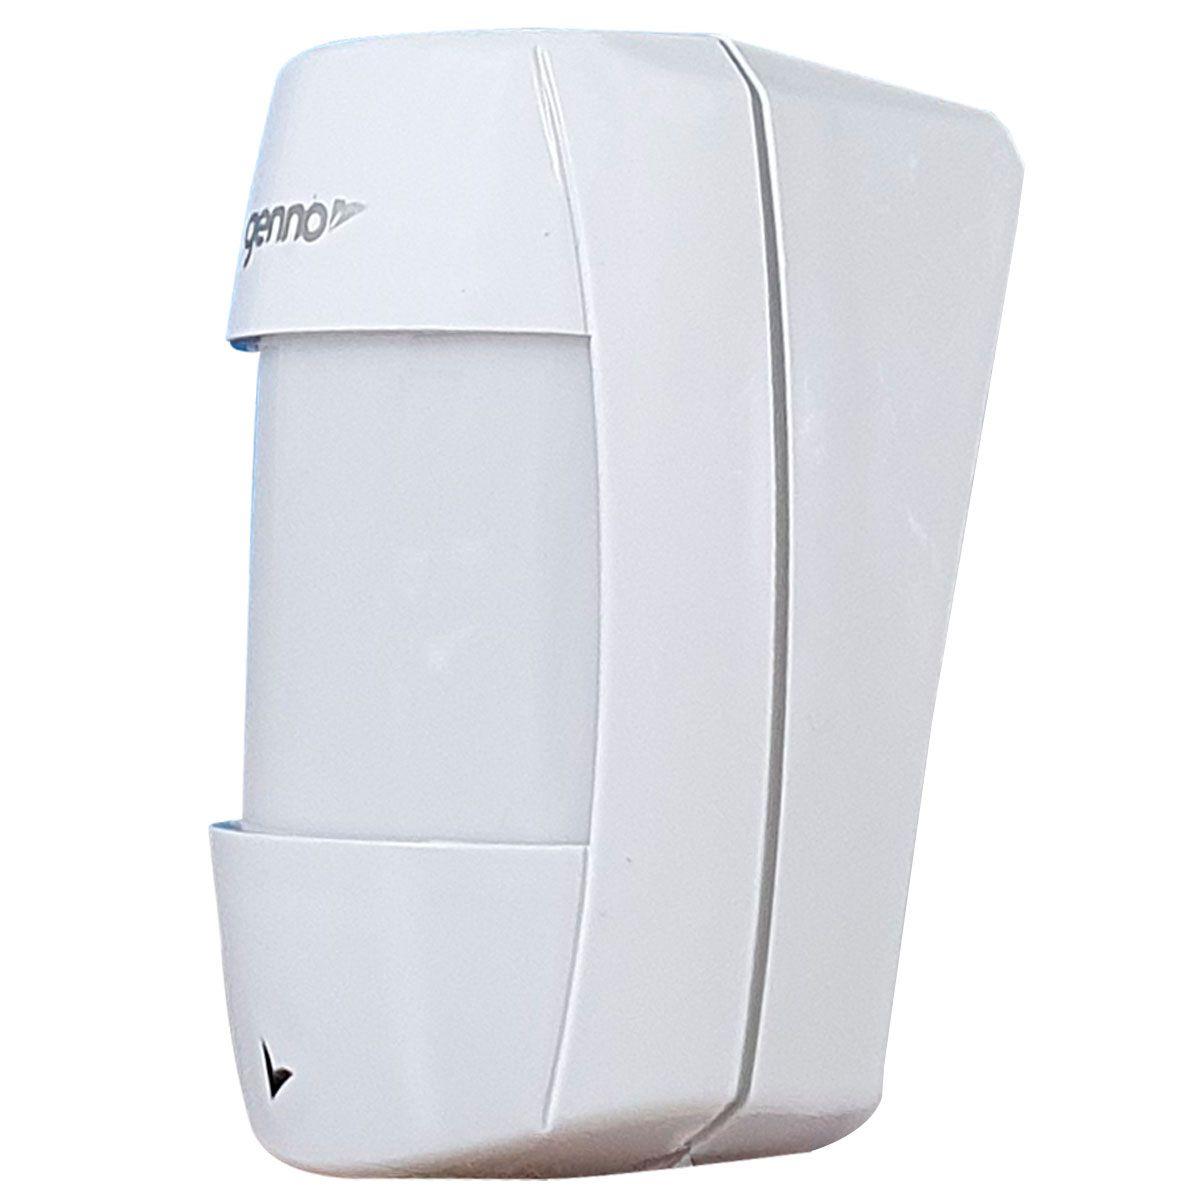 Sensor de Presença Infravermelho IB-600 Genno Sem Fio, 3 níveis de sensibilidade  - Tudo Forte